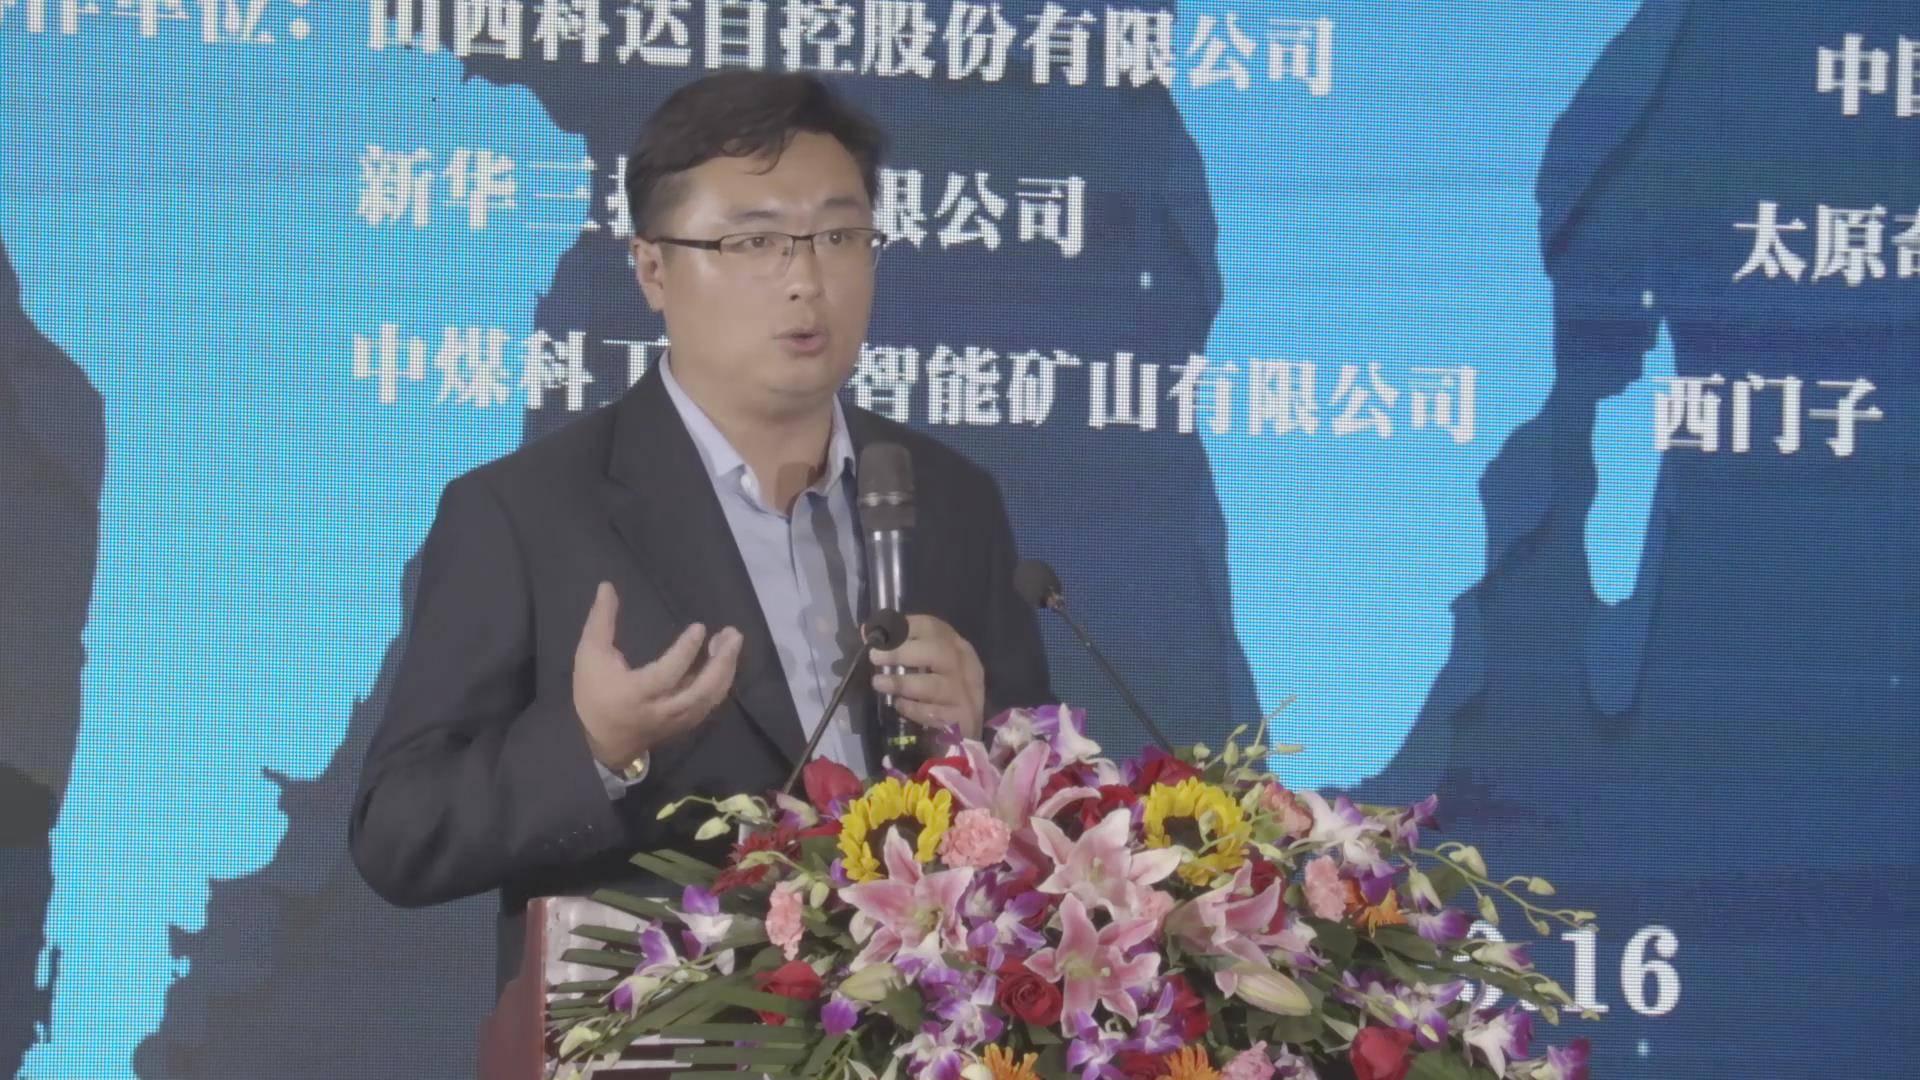 董凯:煤炭智能化与数字化融合